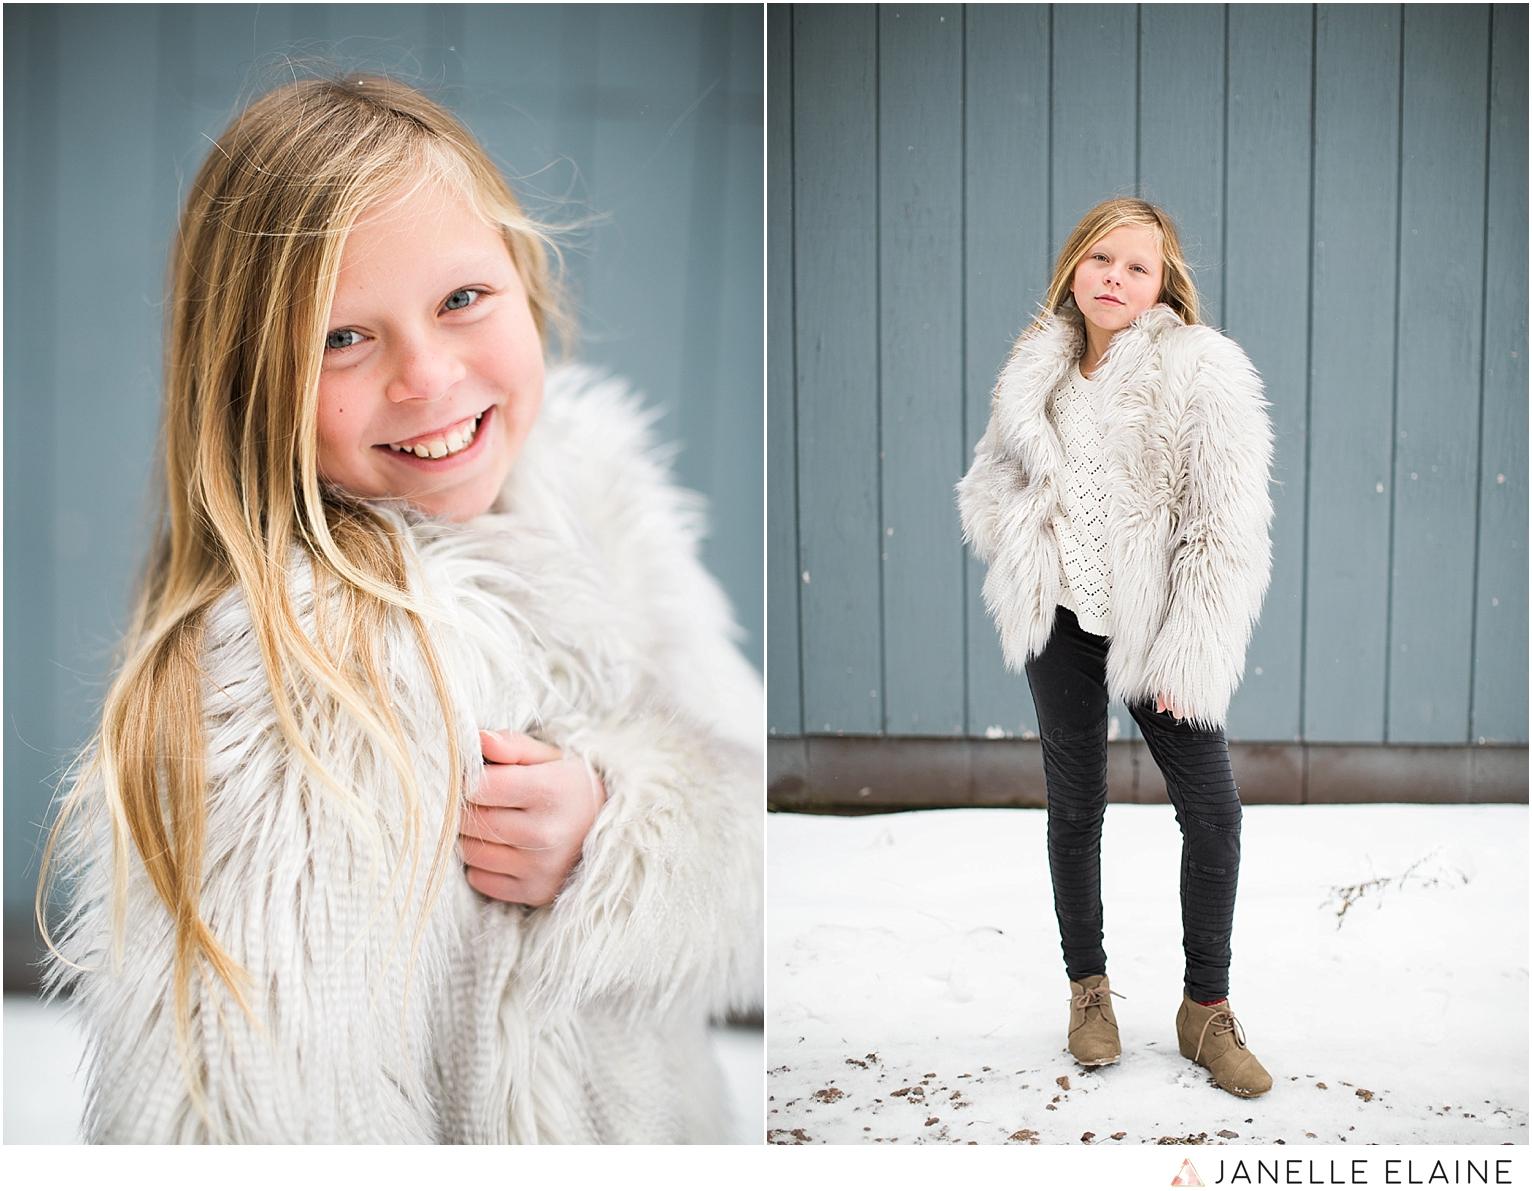 seattle-washington lifestyle photographer-janelle elaine-callie and char-42.jpg